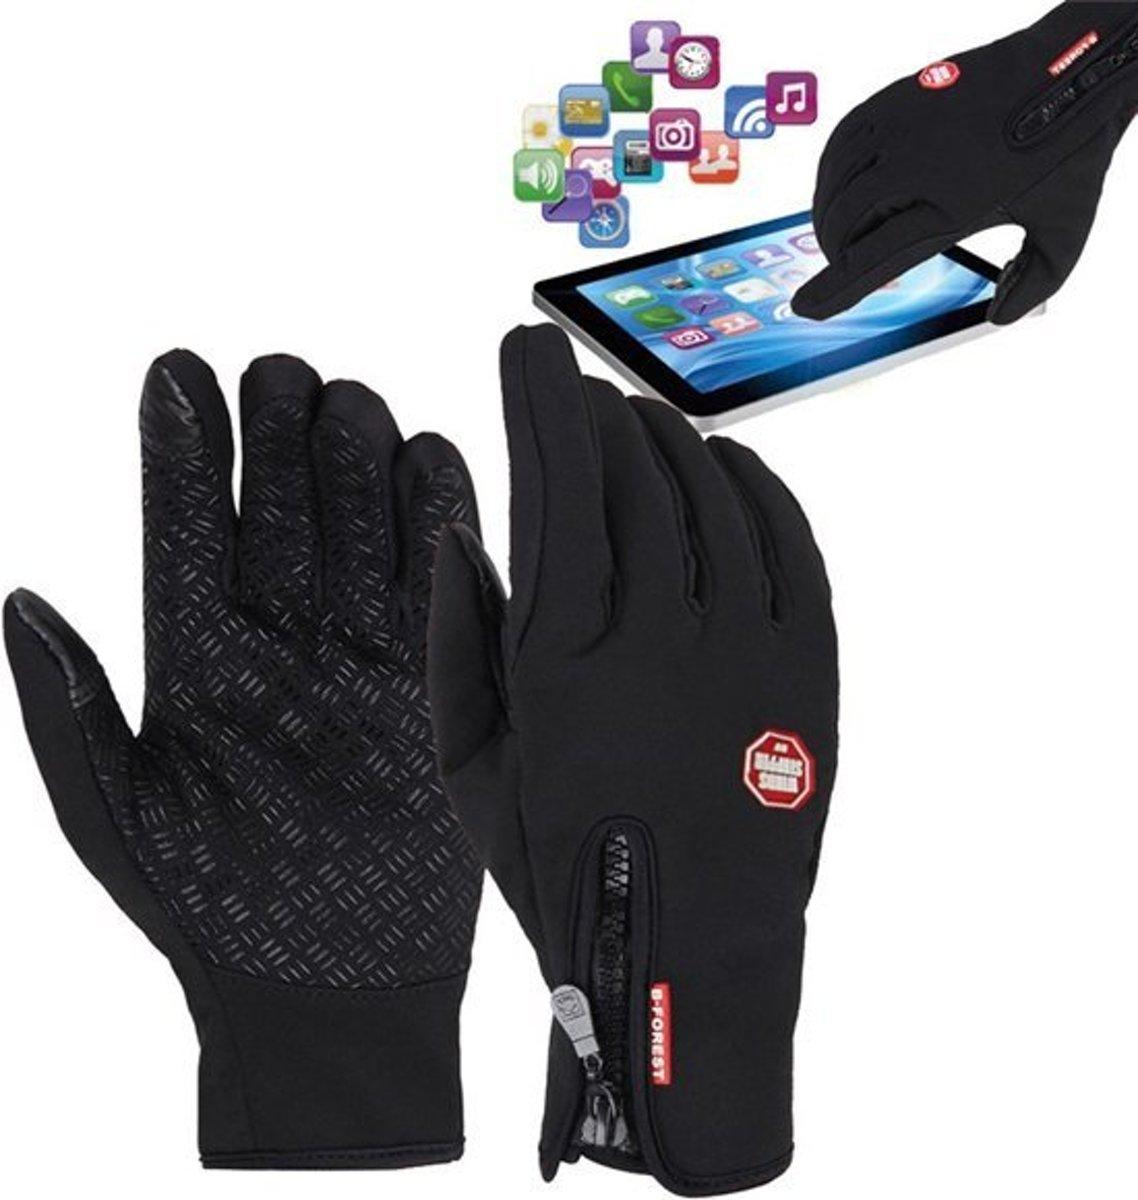 Handschoenen XL - Fietshandschoenen - Sporthandschoenen - Touchscreen Bediening - Unisex – Extra Large